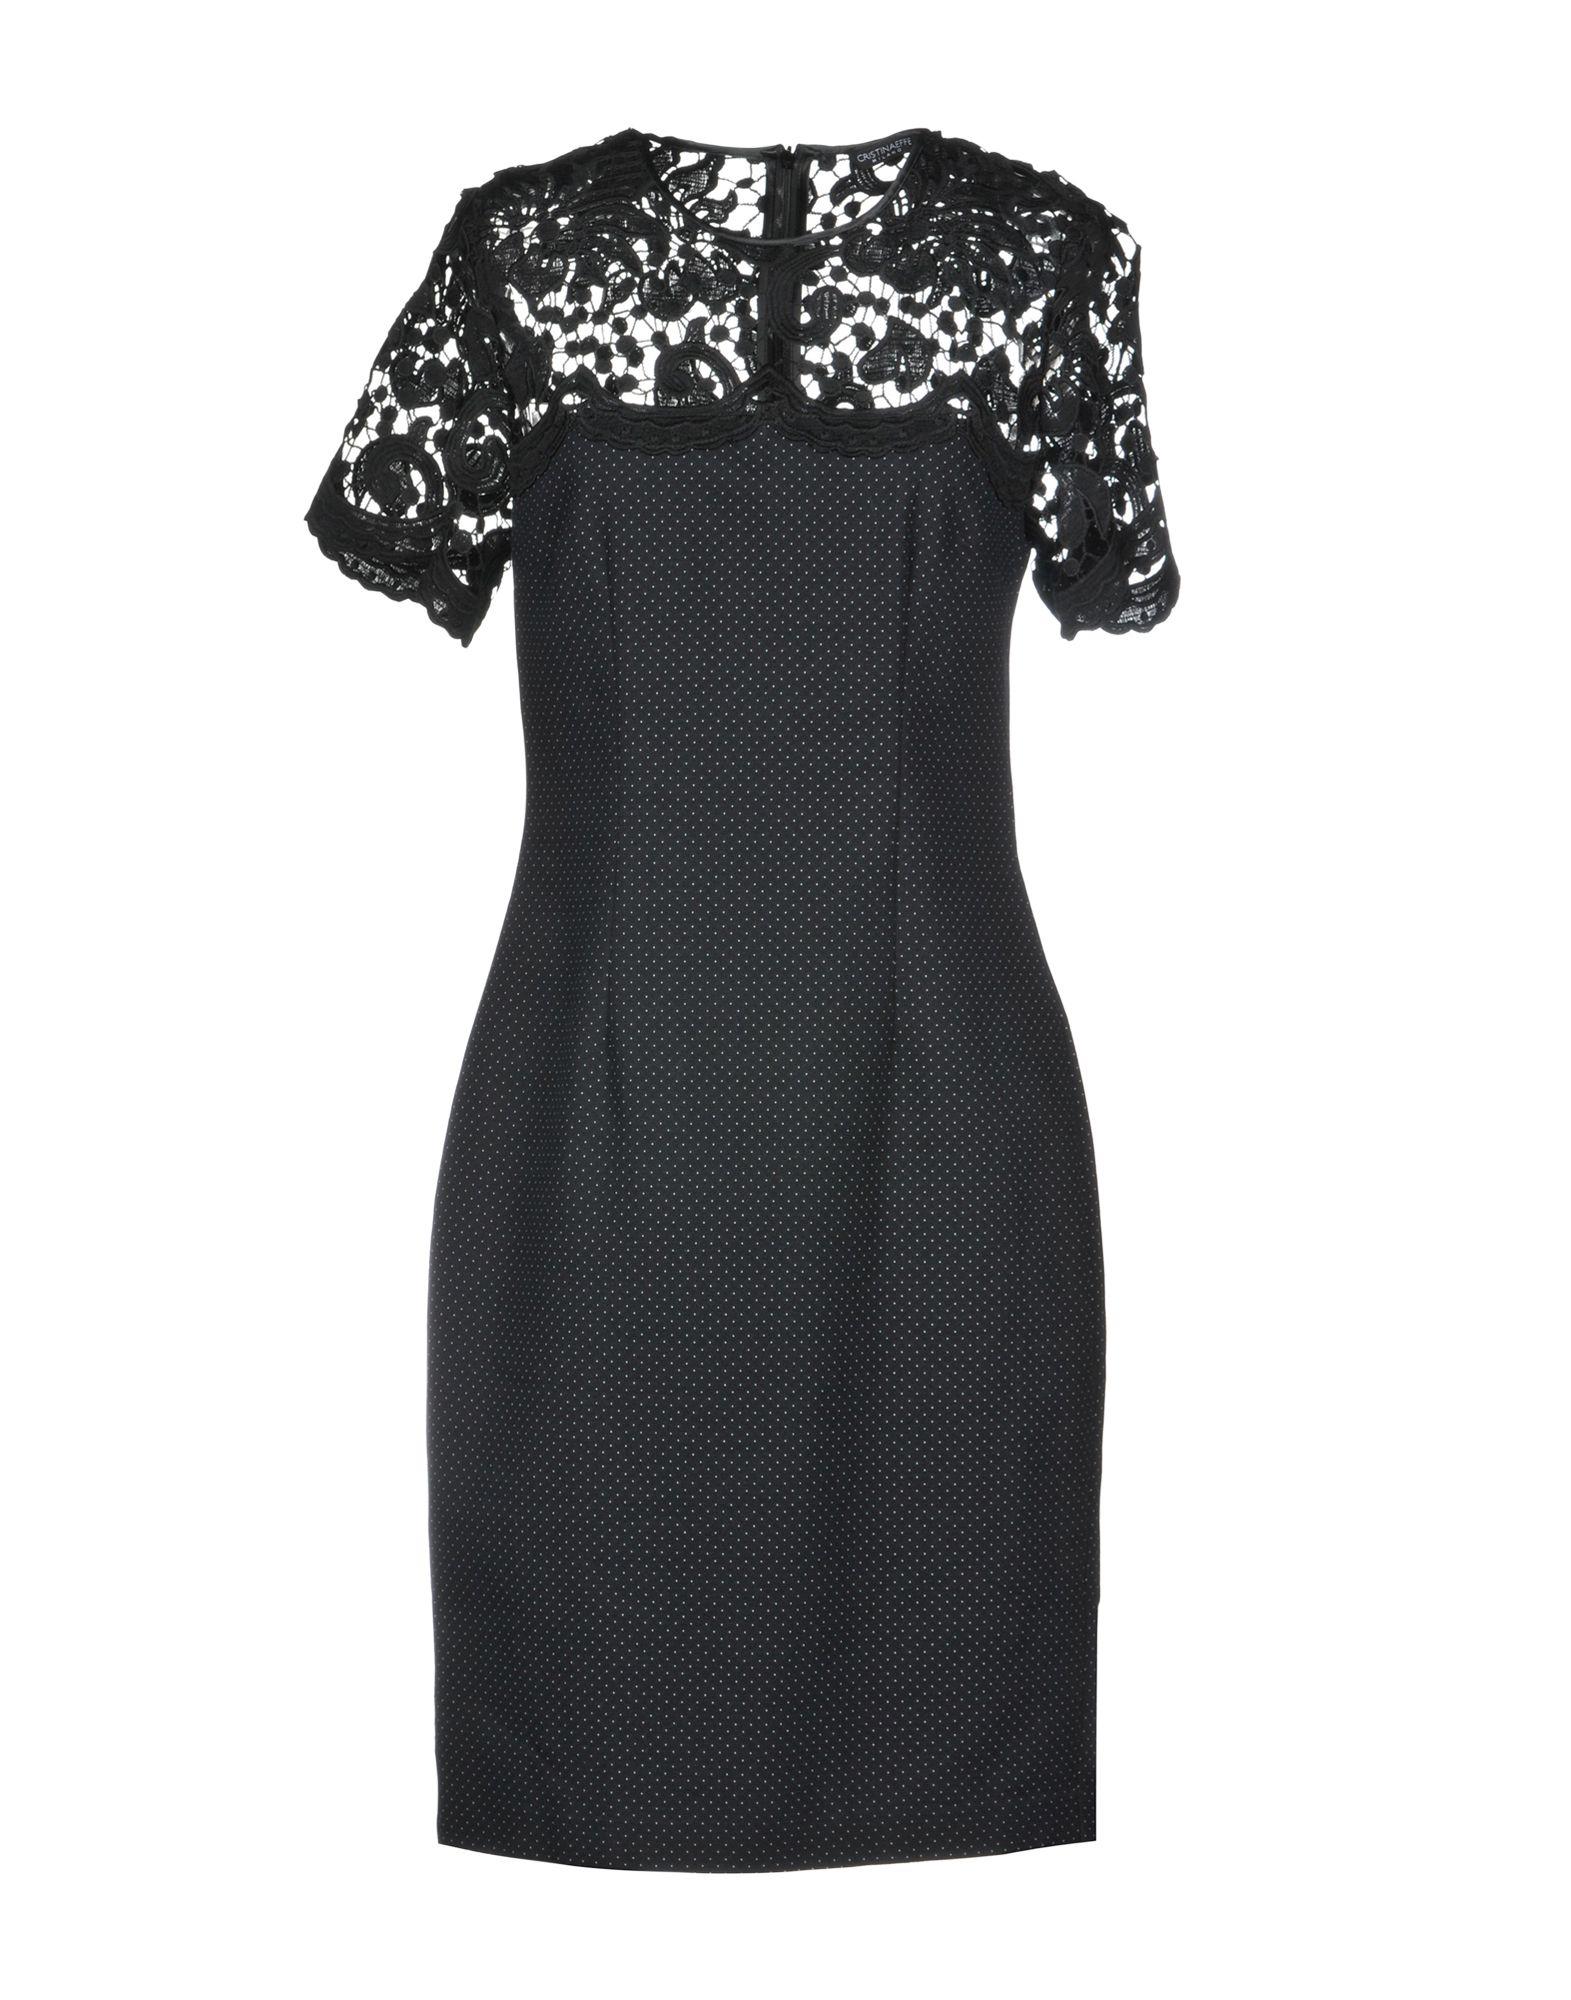 Vestiti Pois Donna Cristinaeffe Collezione Primavera-Estate e  Autunno-Inverno - Acquista online su YOOX 85405a623ed